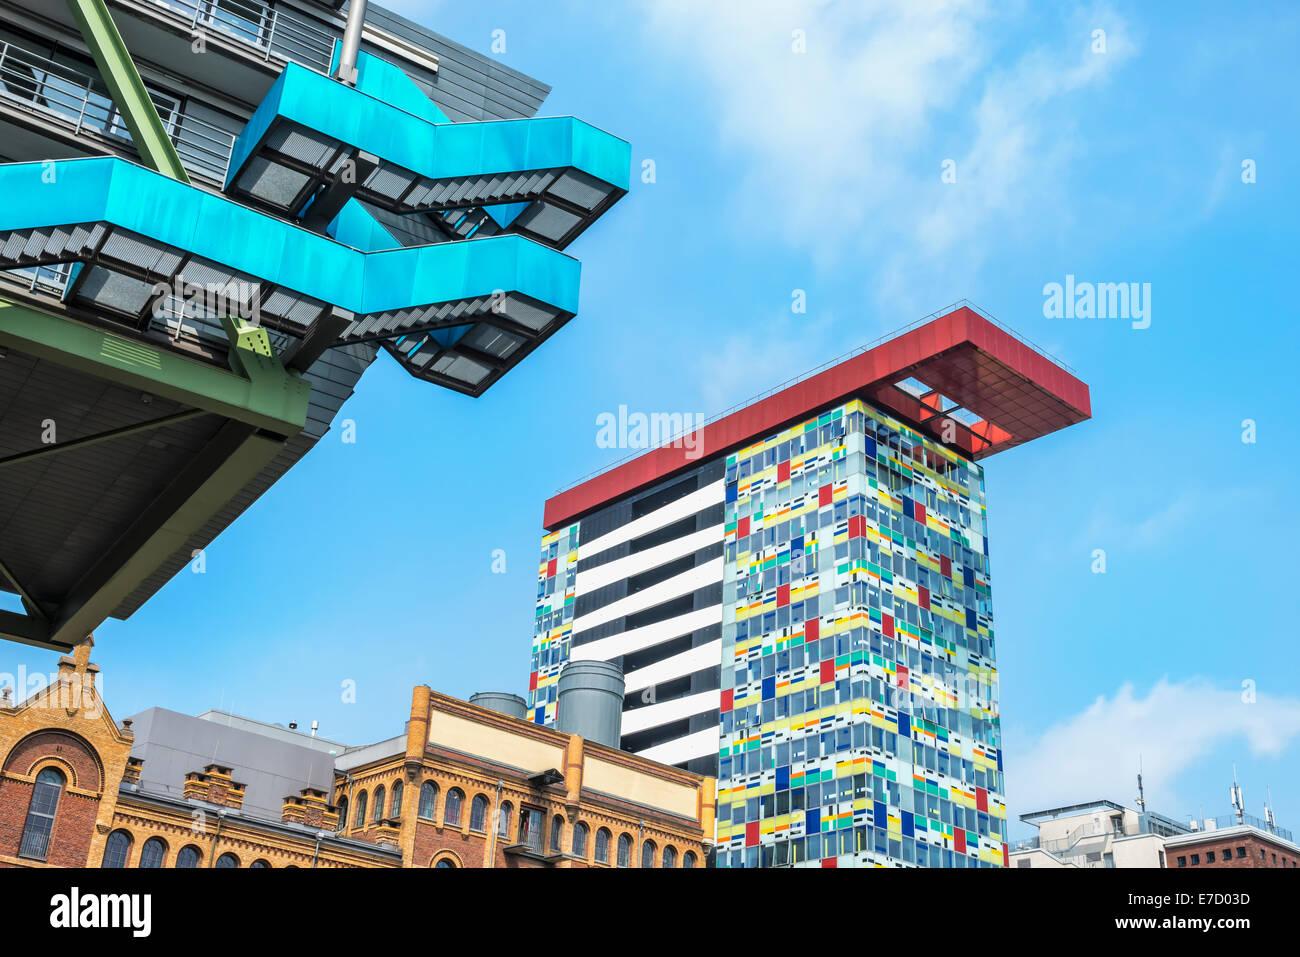 Bureau moderne et architecture de l'hôtel, port des Médias, Düsseldorf, Rhénanie du Nord-Westphalie, Allemagne Banque D'Images